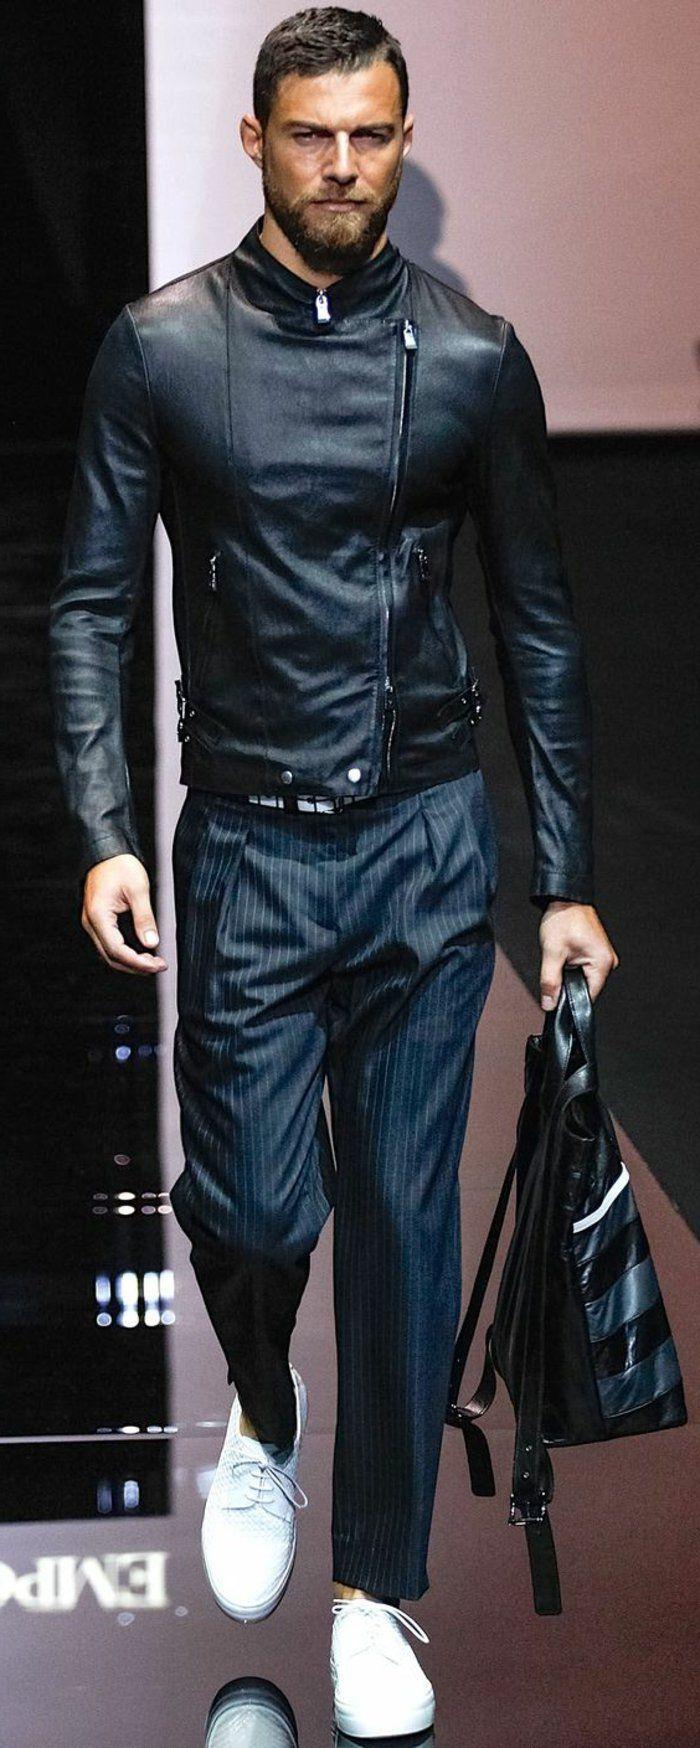 veste en cuir homme pas cher, pantalon elegant homme